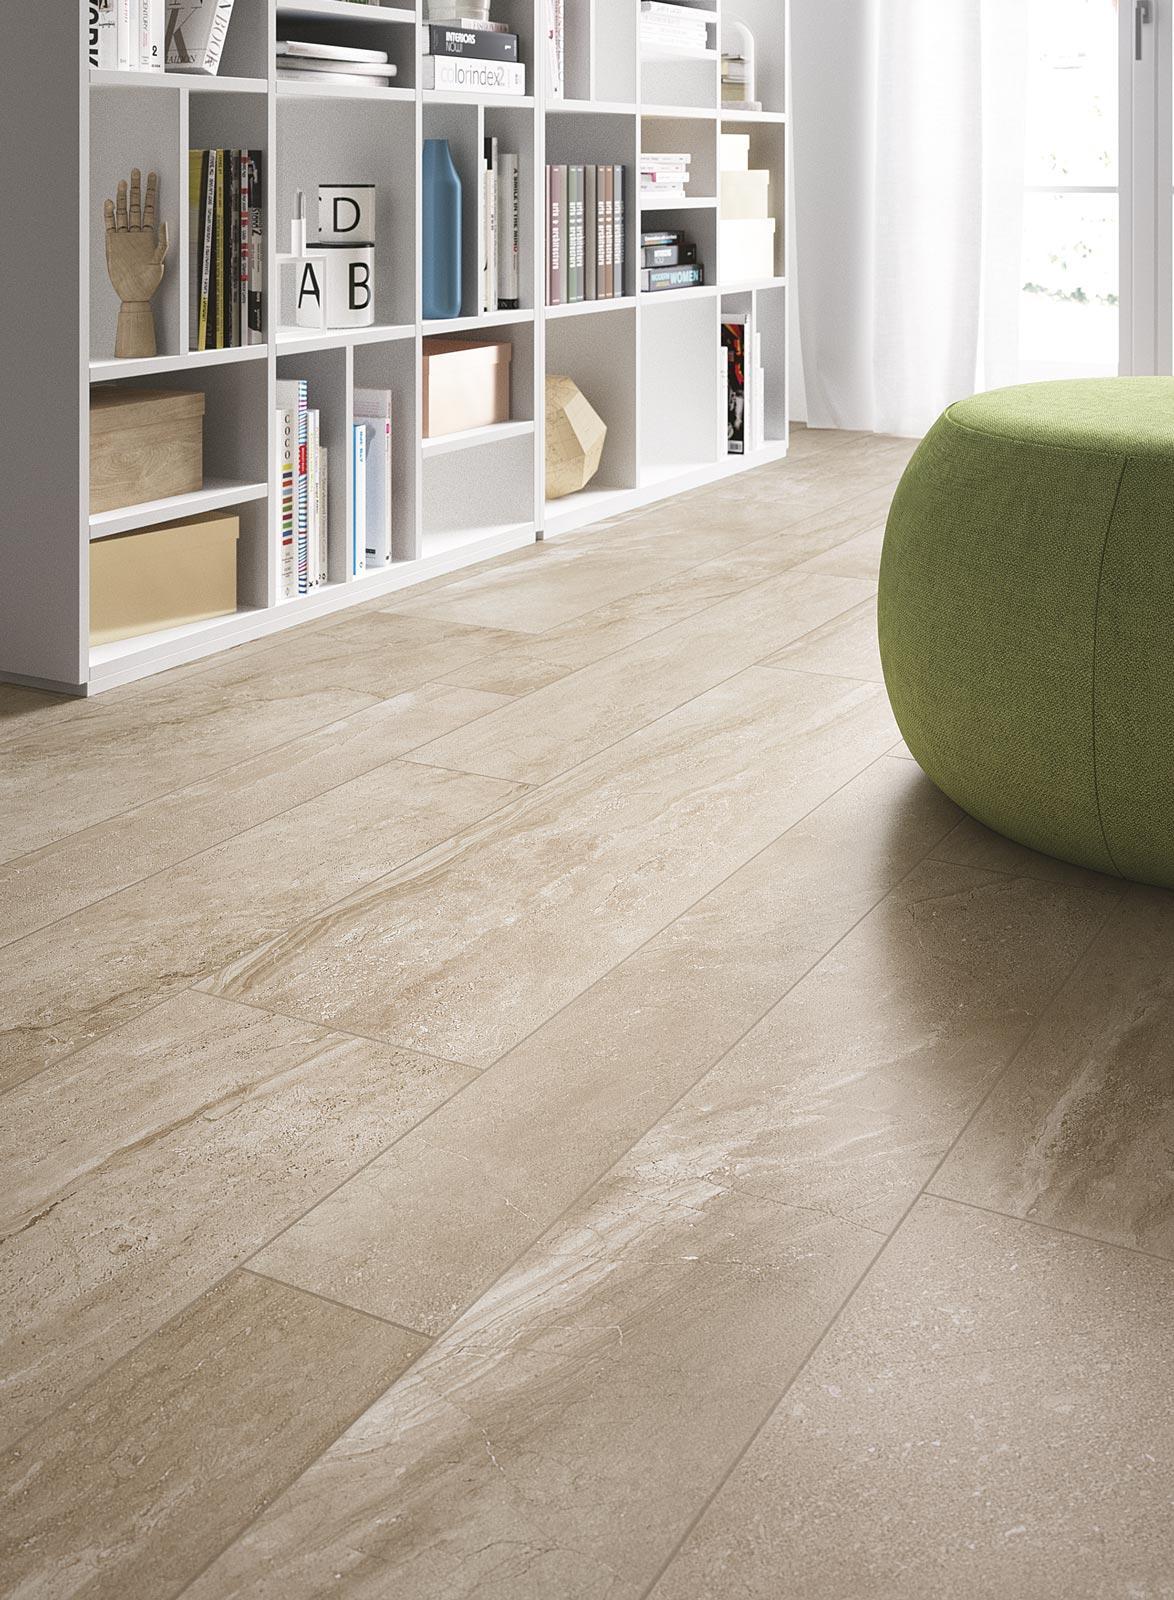 Pavimento Finto Marmo Lucido gres porcellanato effetto marmo lucido e naturale ragno